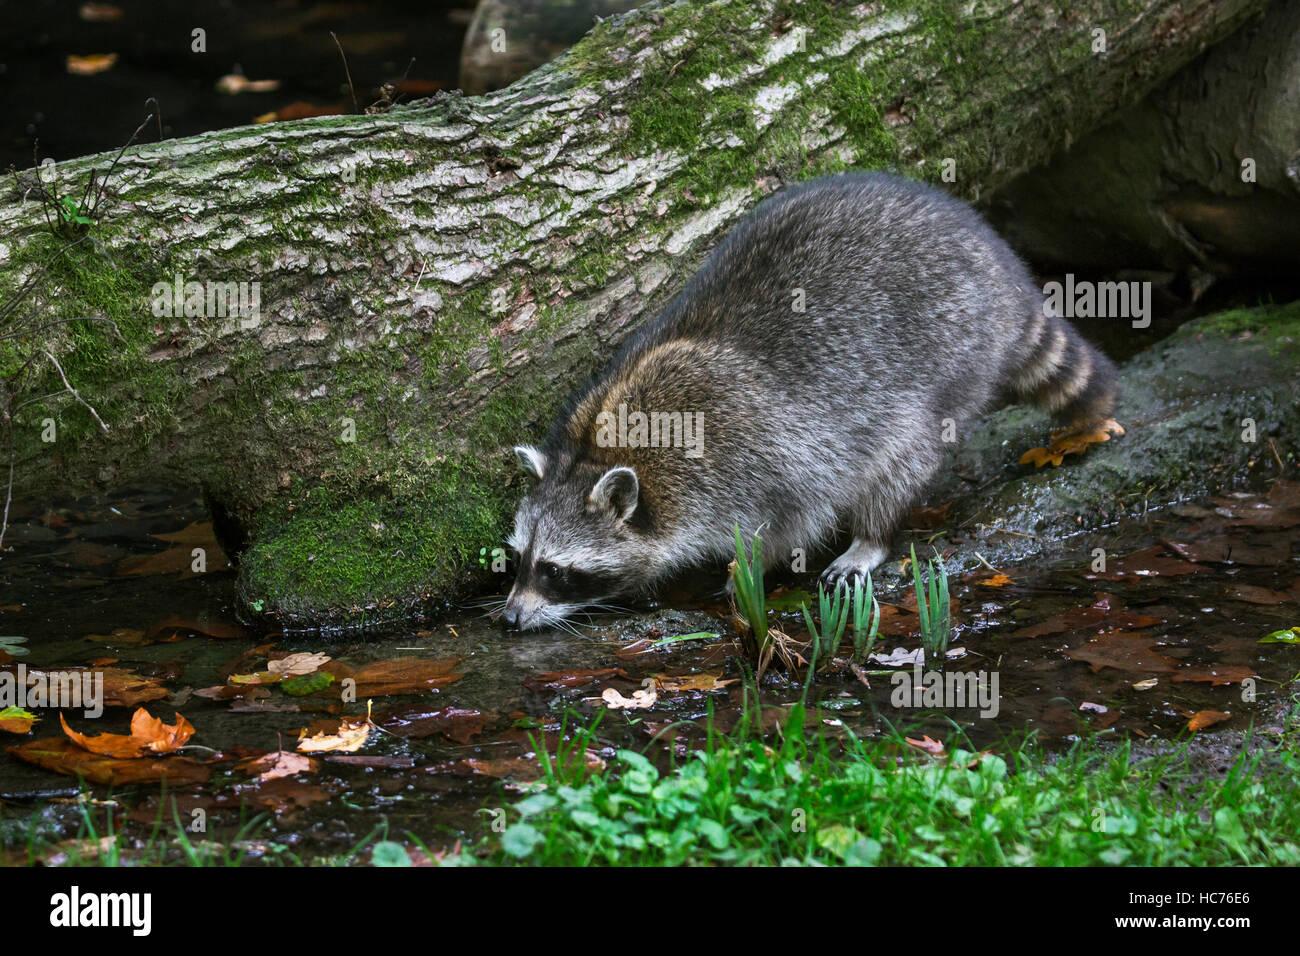 Nord America (procione procione lotor), nativo di America del Nord, acqua potabile da brook nella foresta Immagini Stock